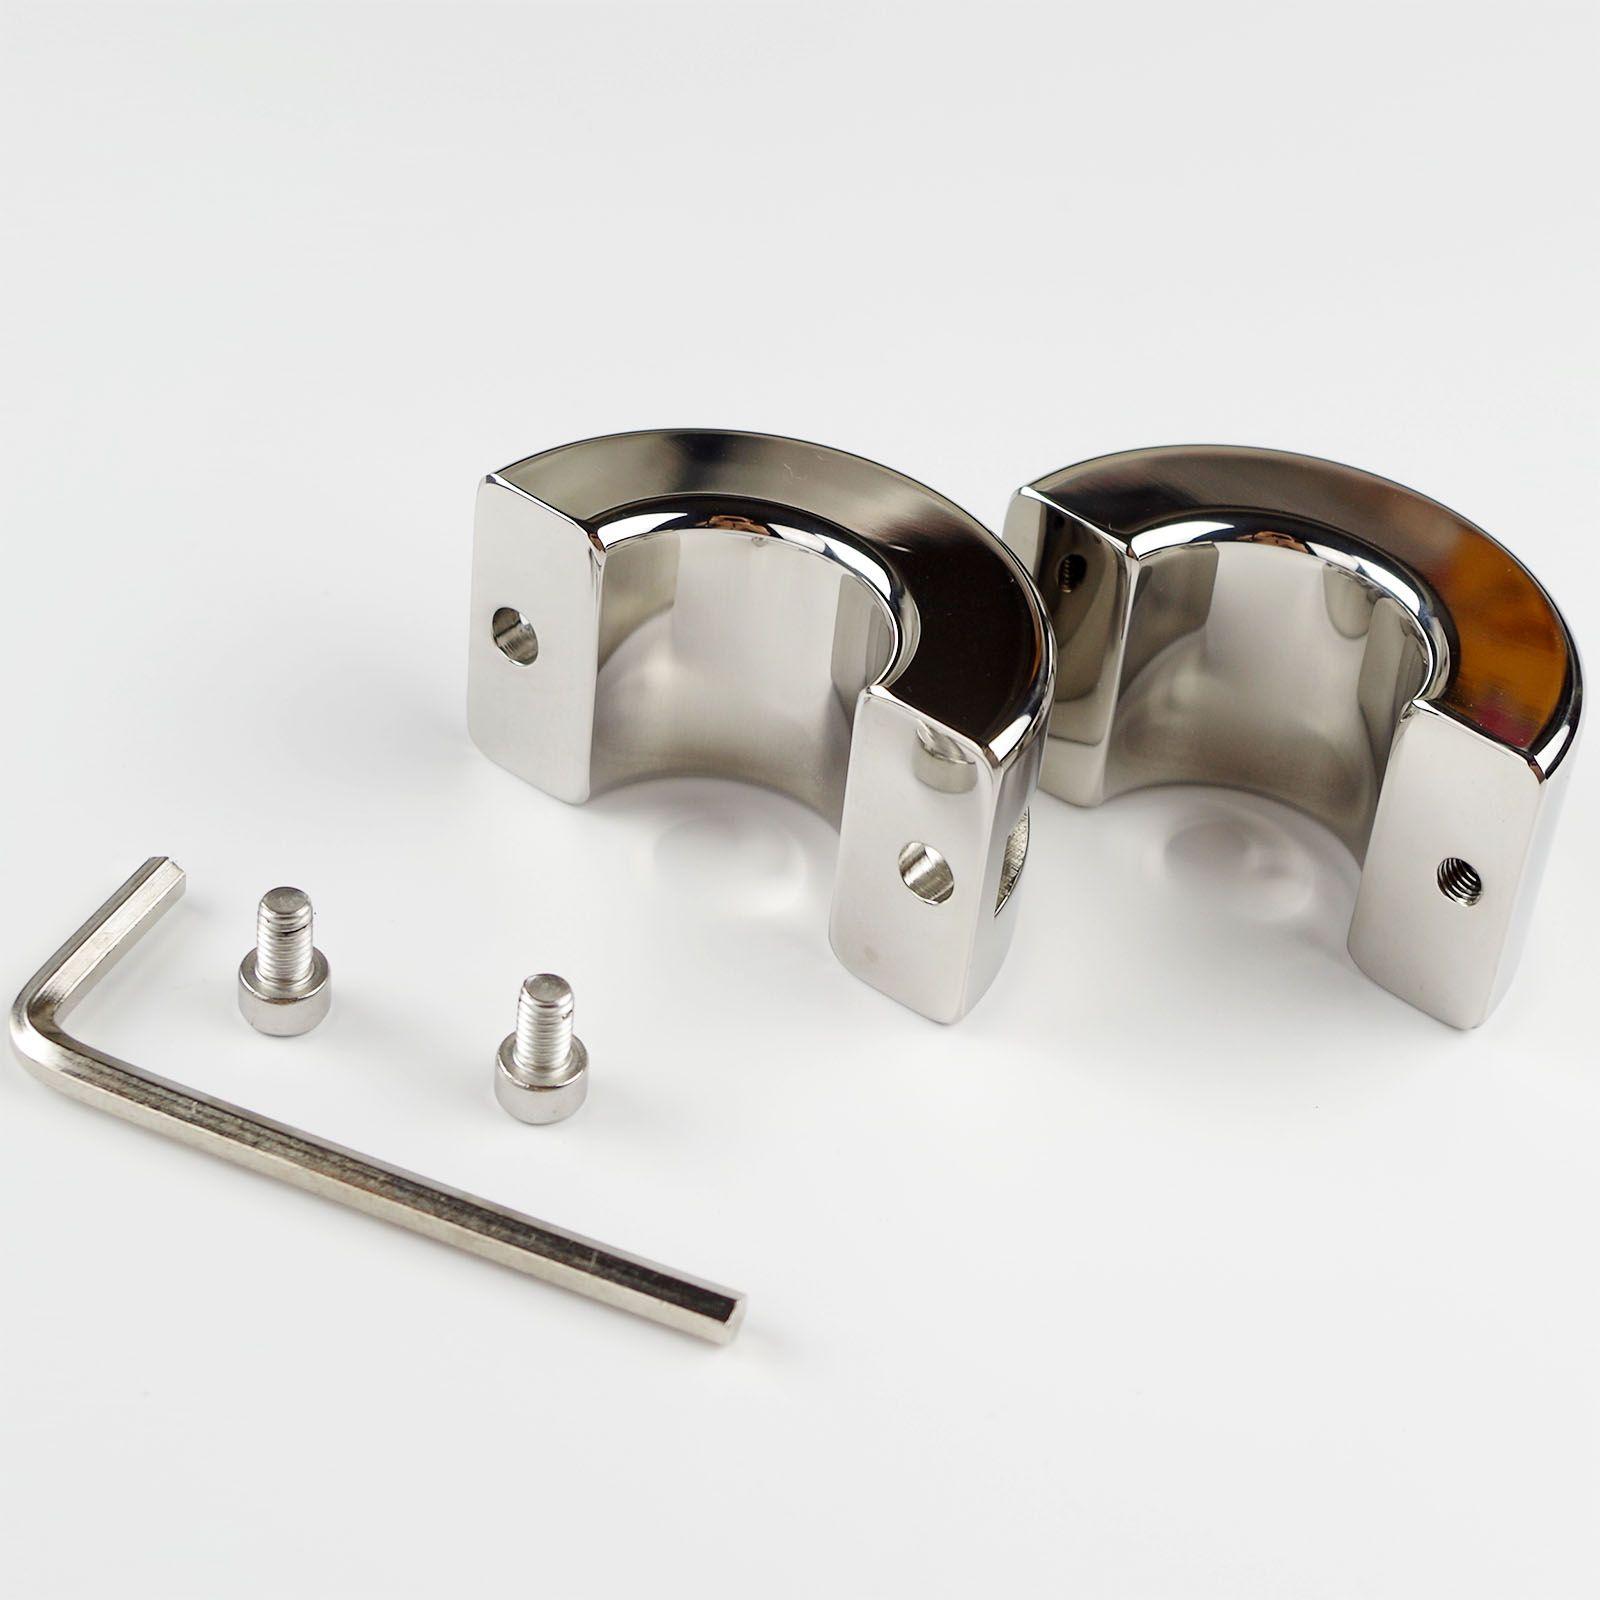 Aşırı Cockrings Paslanmaz Çelik Katı Sedye Skrotum Testis Gerilmiş Esaret Dişli Topu Ağırlıklar Erkek için CBT Oyuncak